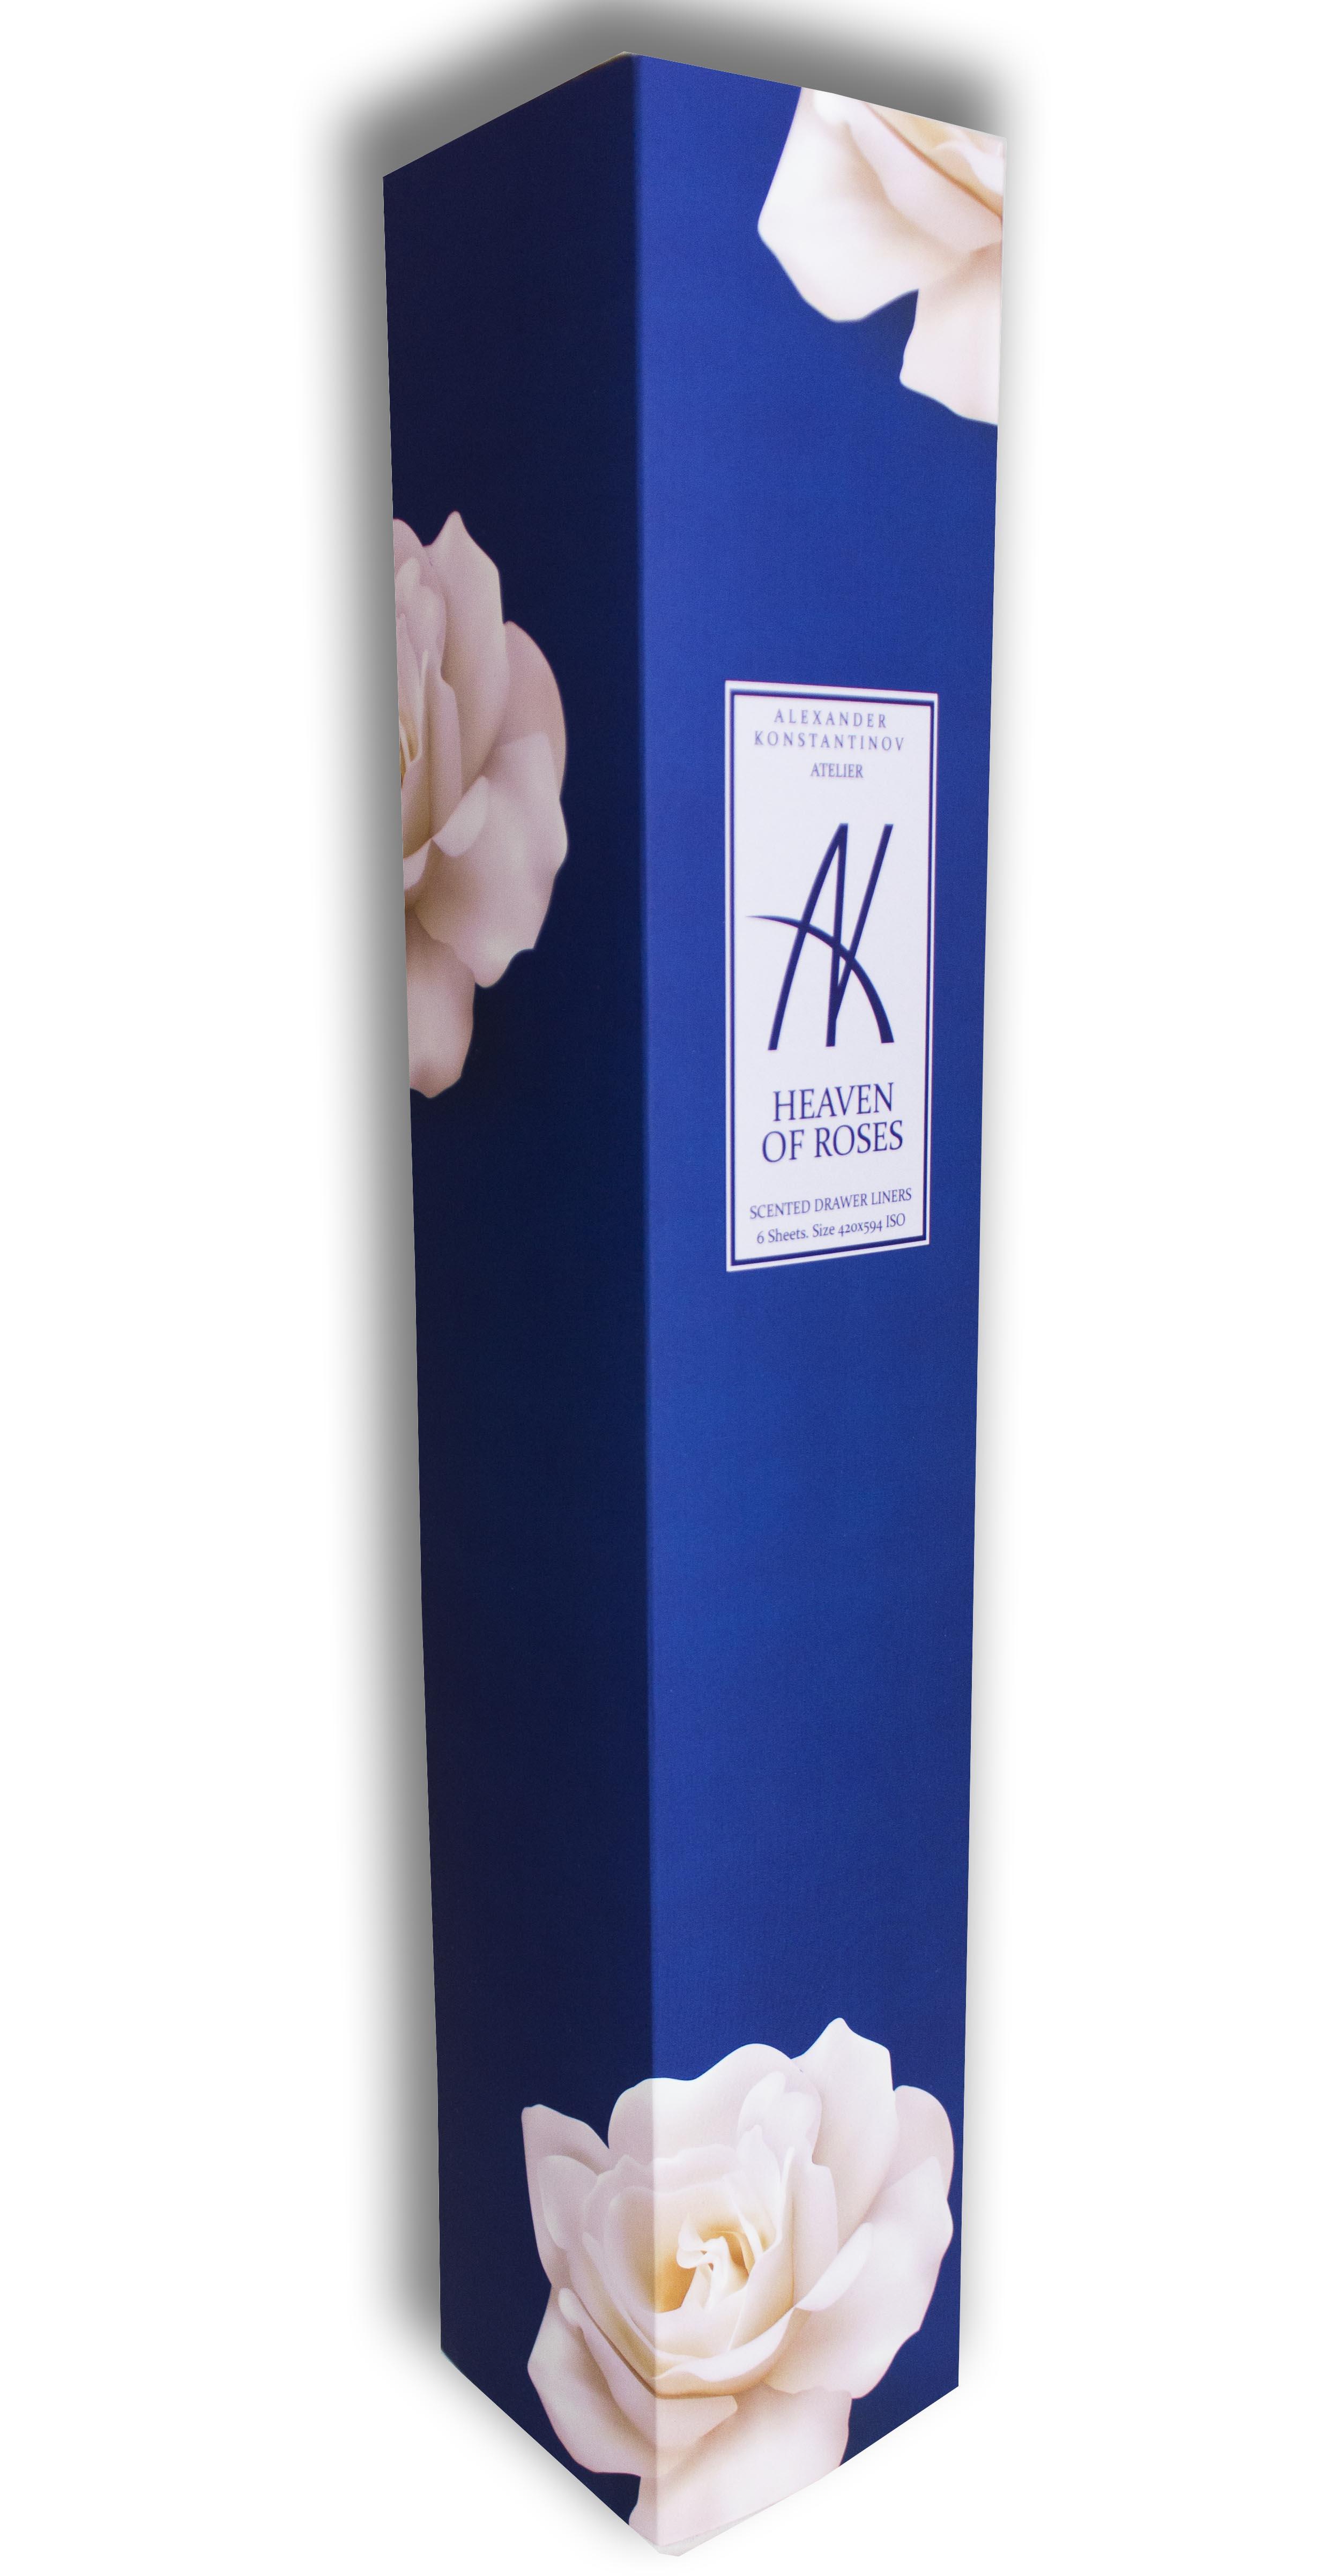 AK ATELIER Аромобумага для комодов (Небеса из Роз) / Heaven of roses ложка разливная fissler 2007006